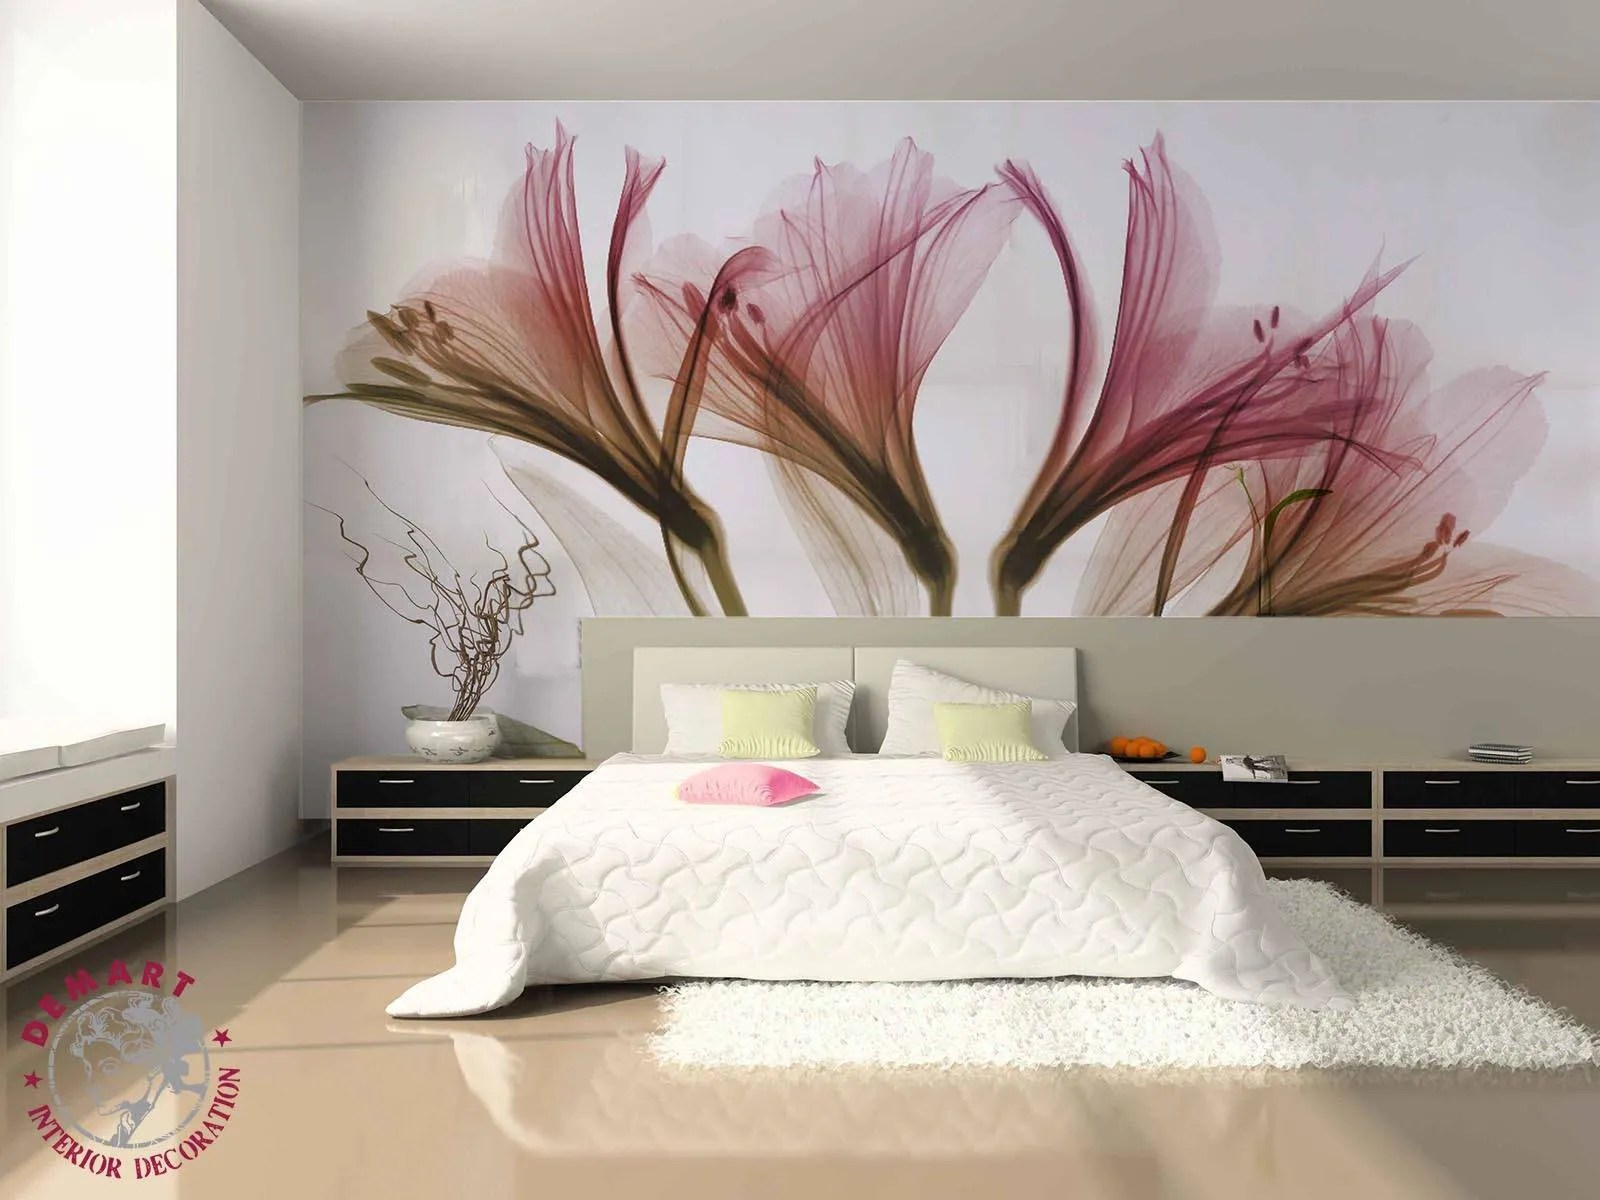 DemArt la soluzione al tuo progetto di decorazione di pareti interne